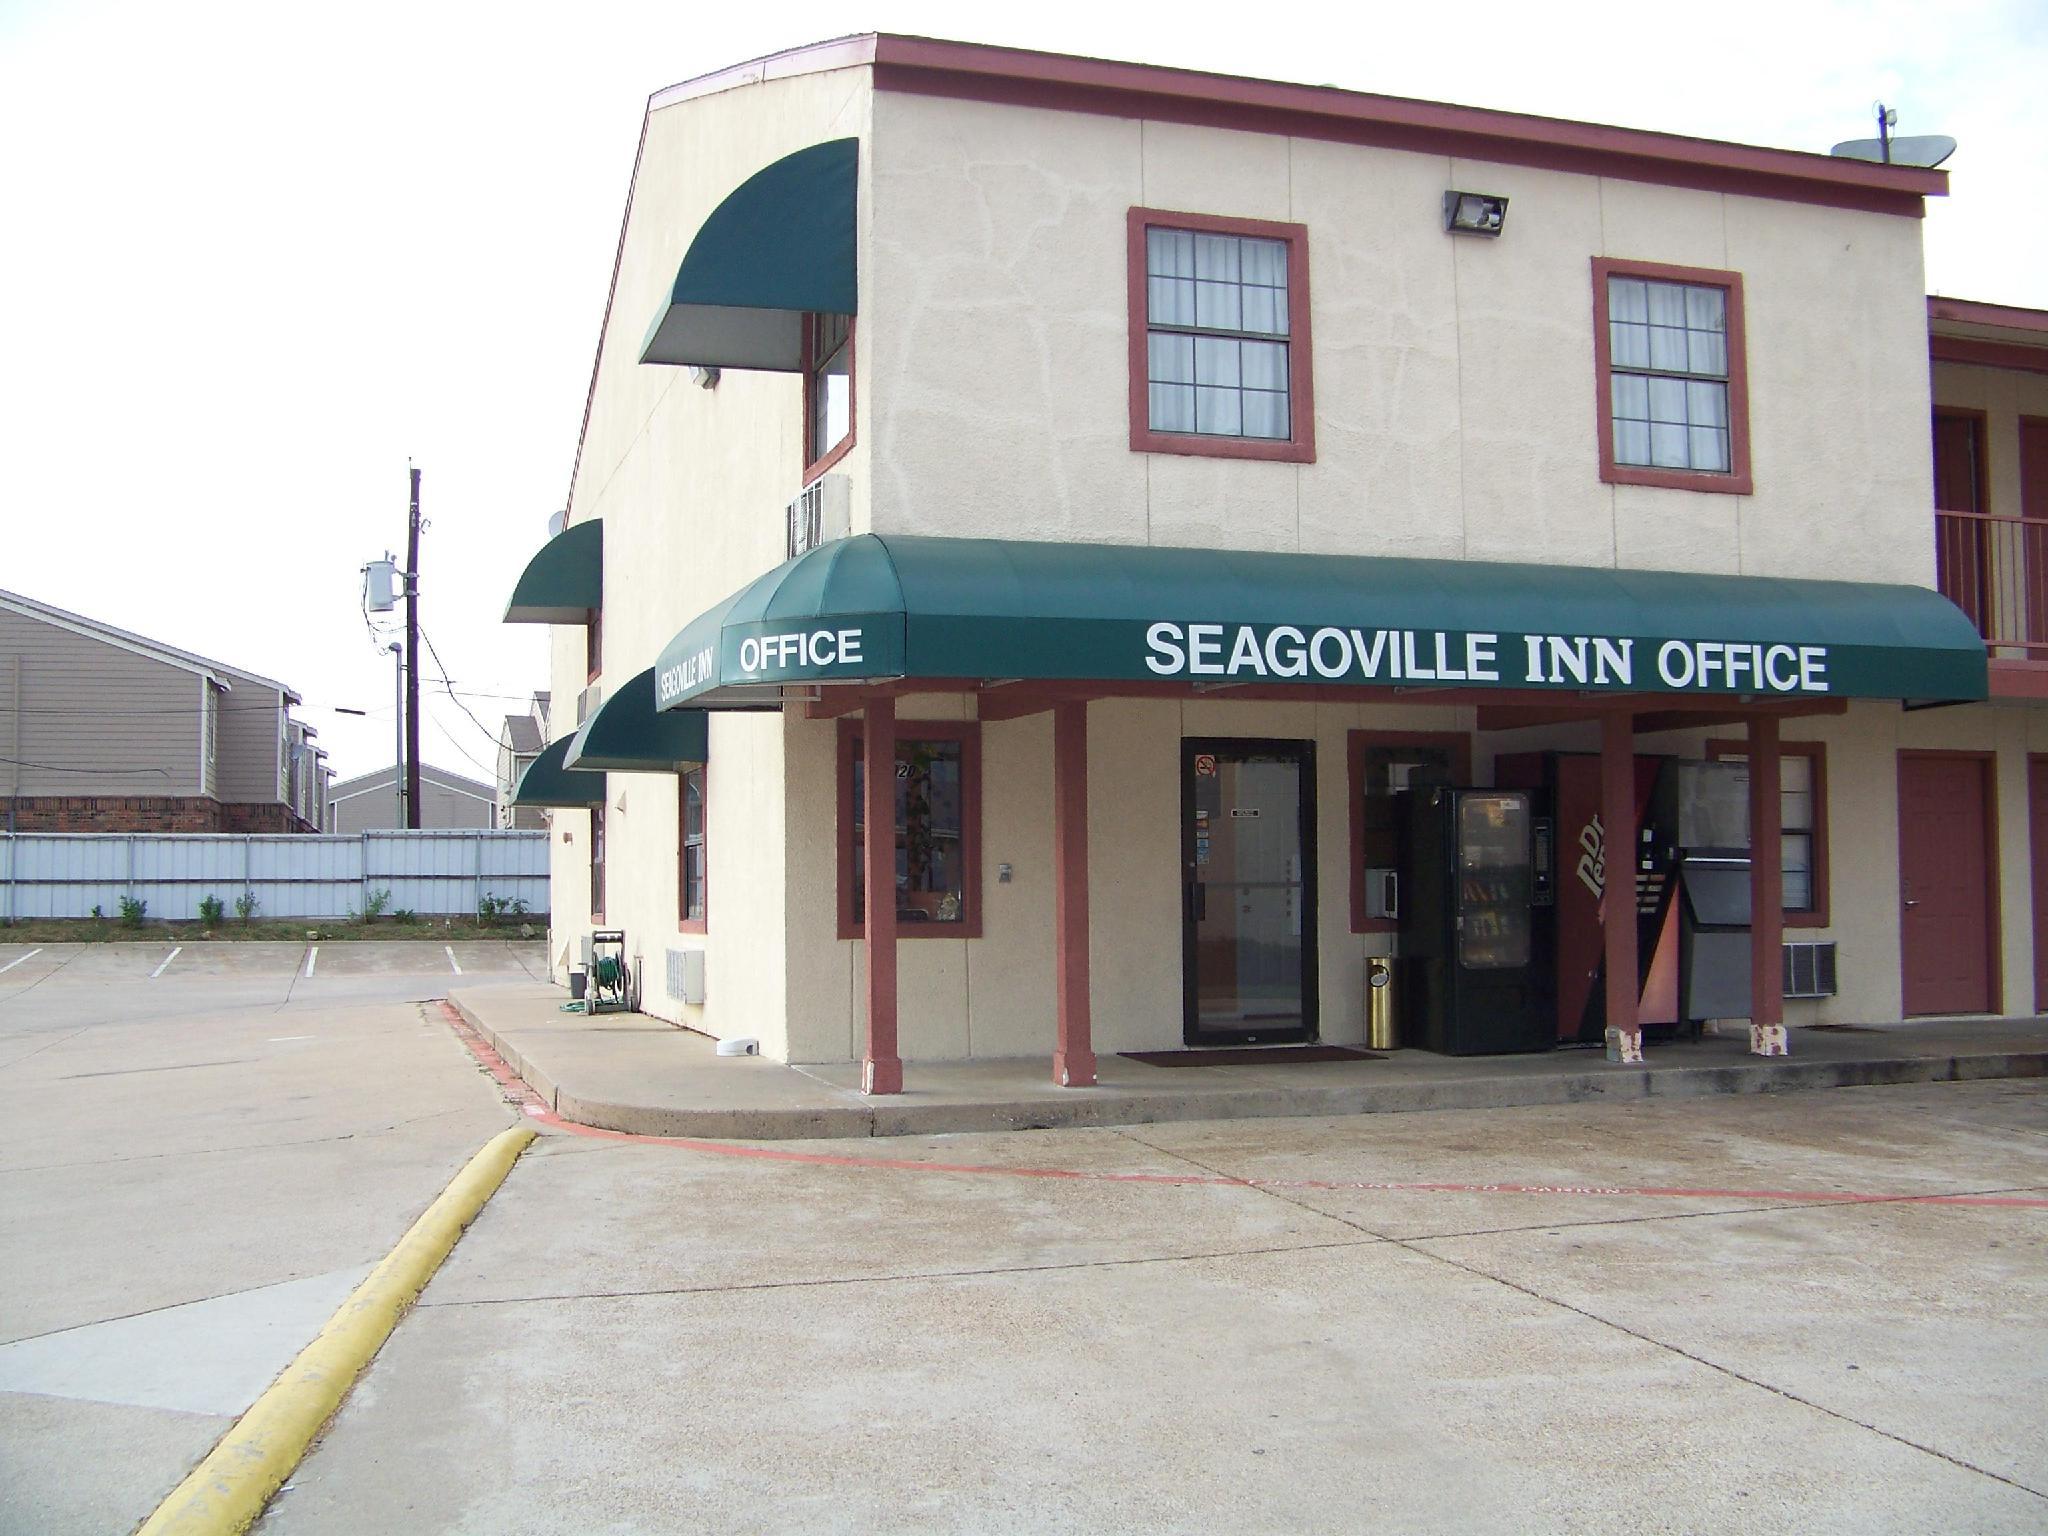 Price Seagoville Inn Seagoville